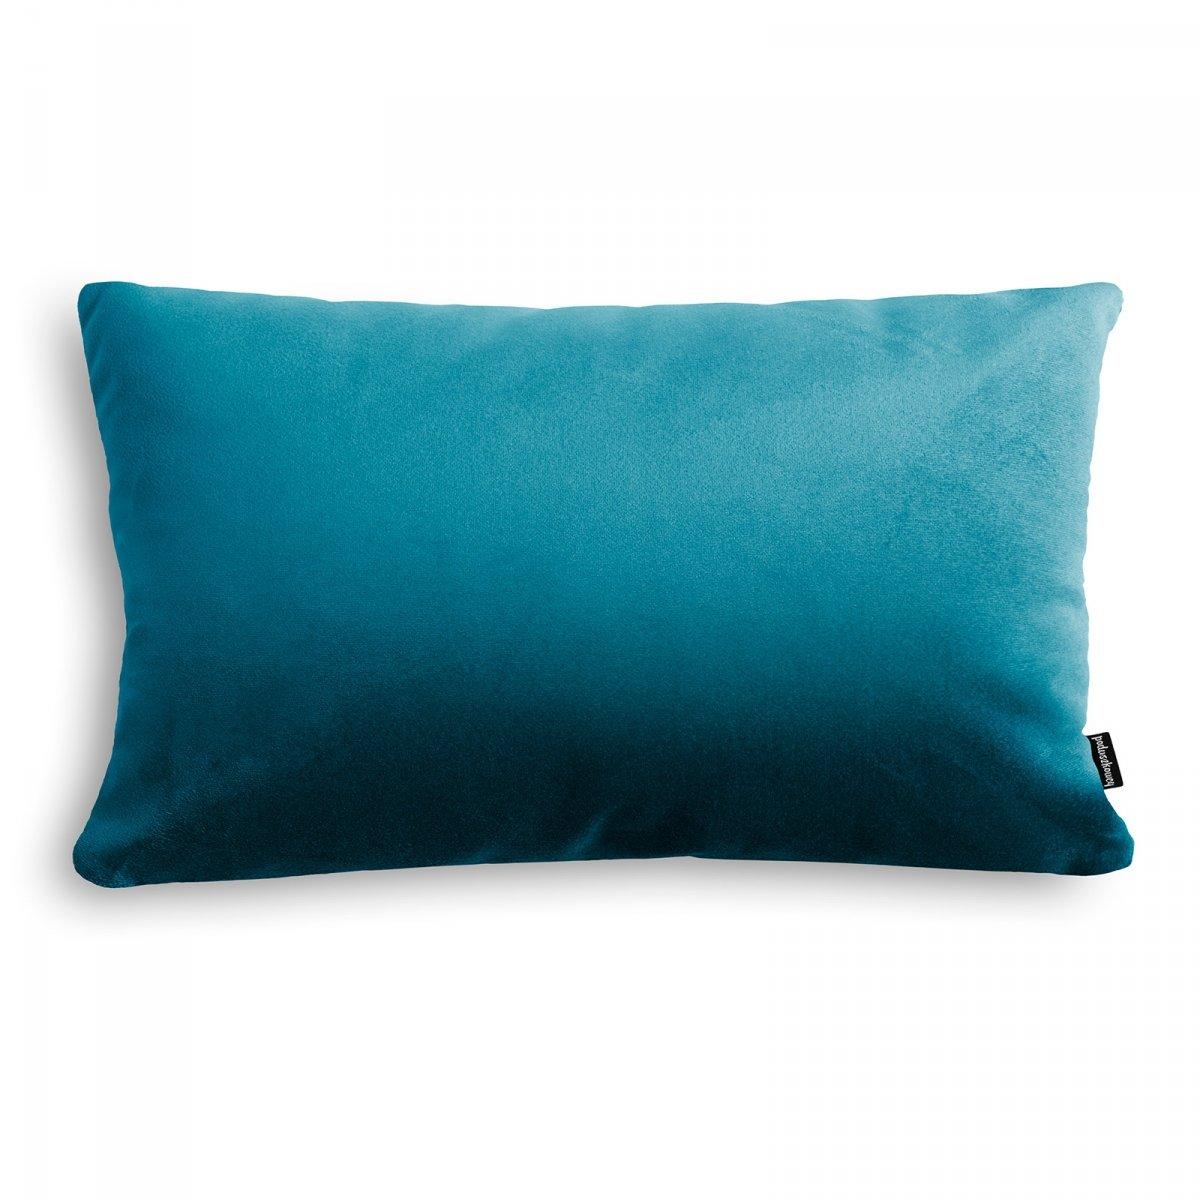 Velvet niebieska poduszka dekoracyjna 50x30